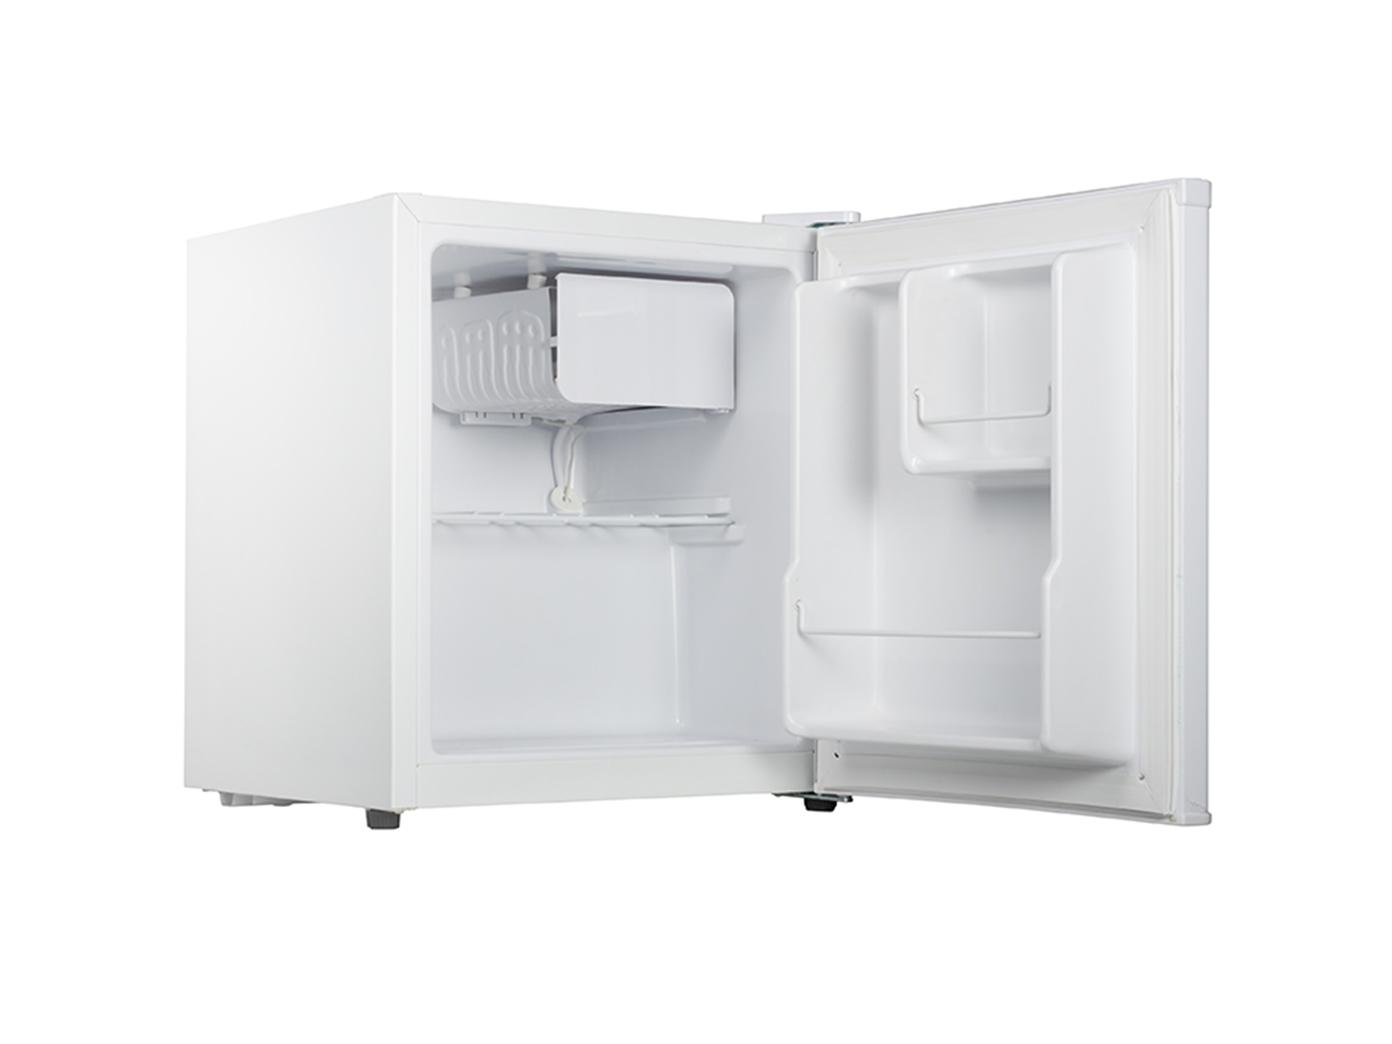 Minibar Kühlschrank Mit Eisfach : Kleiner mini kühlschrank freistehend 45l mit 5l gefrierfach camping